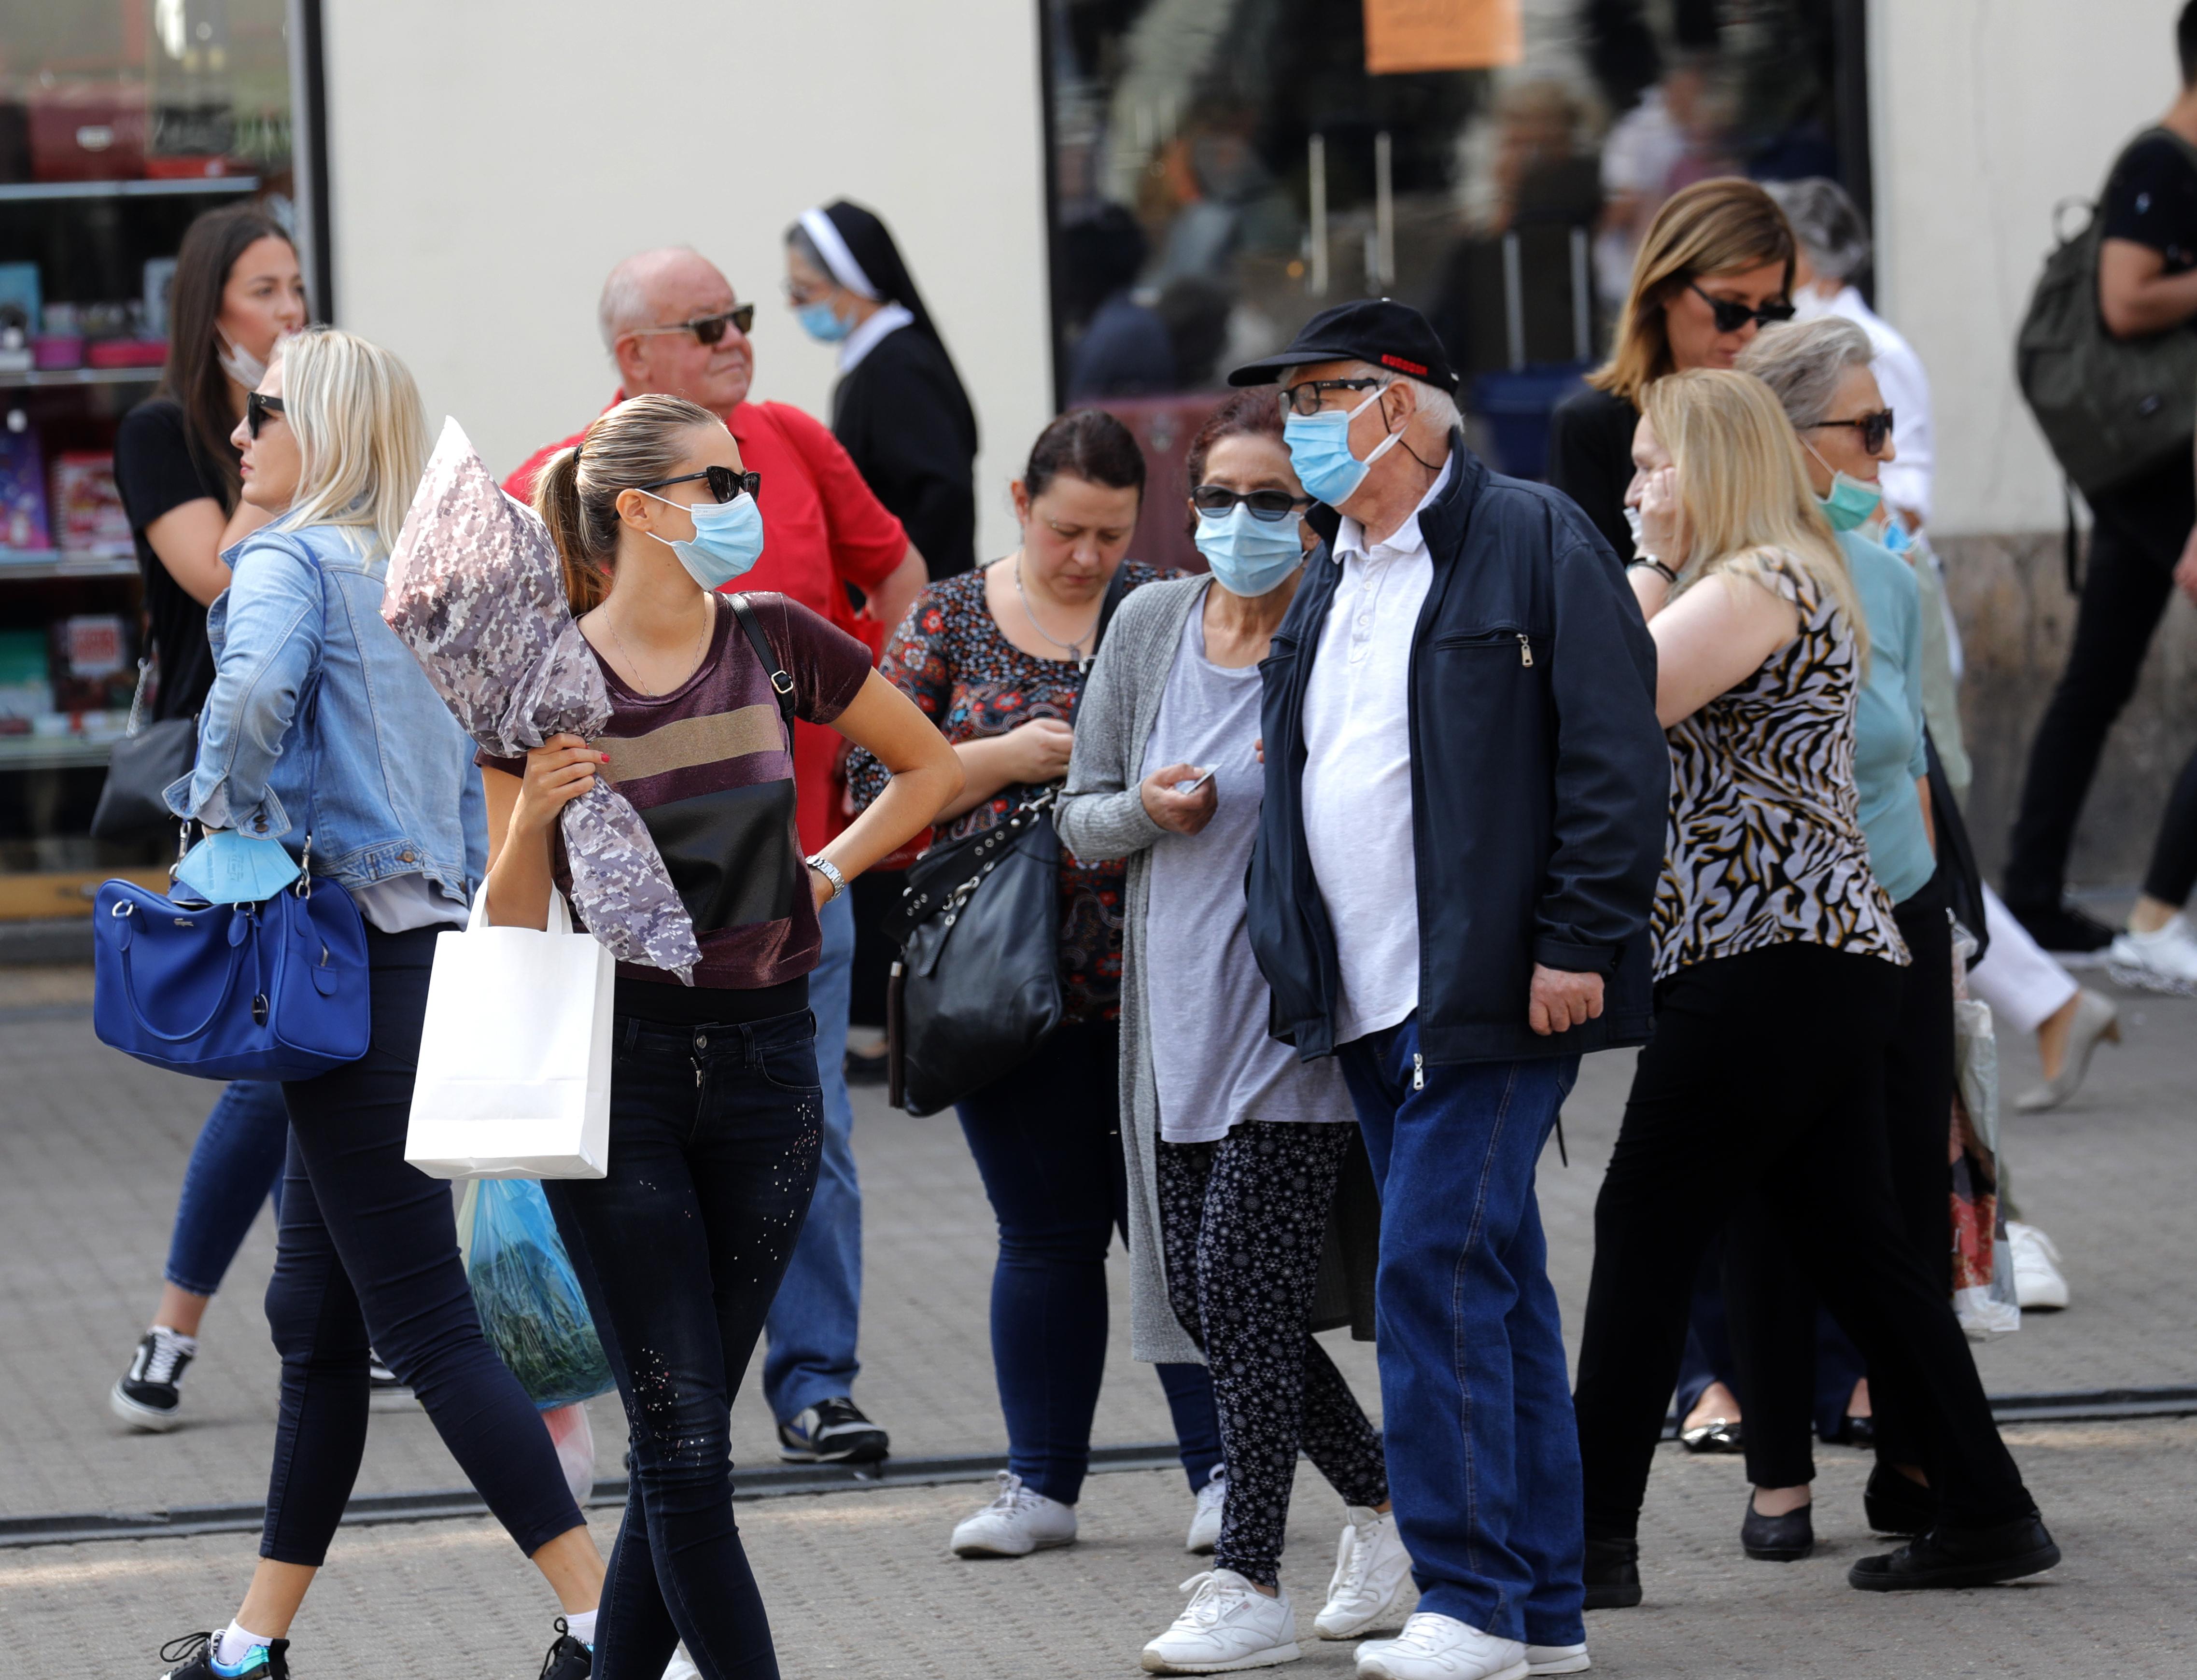 Епидемијата ќе запре ако се вакцинираат 70 отсто од луѓето, сметаат хрватските власти